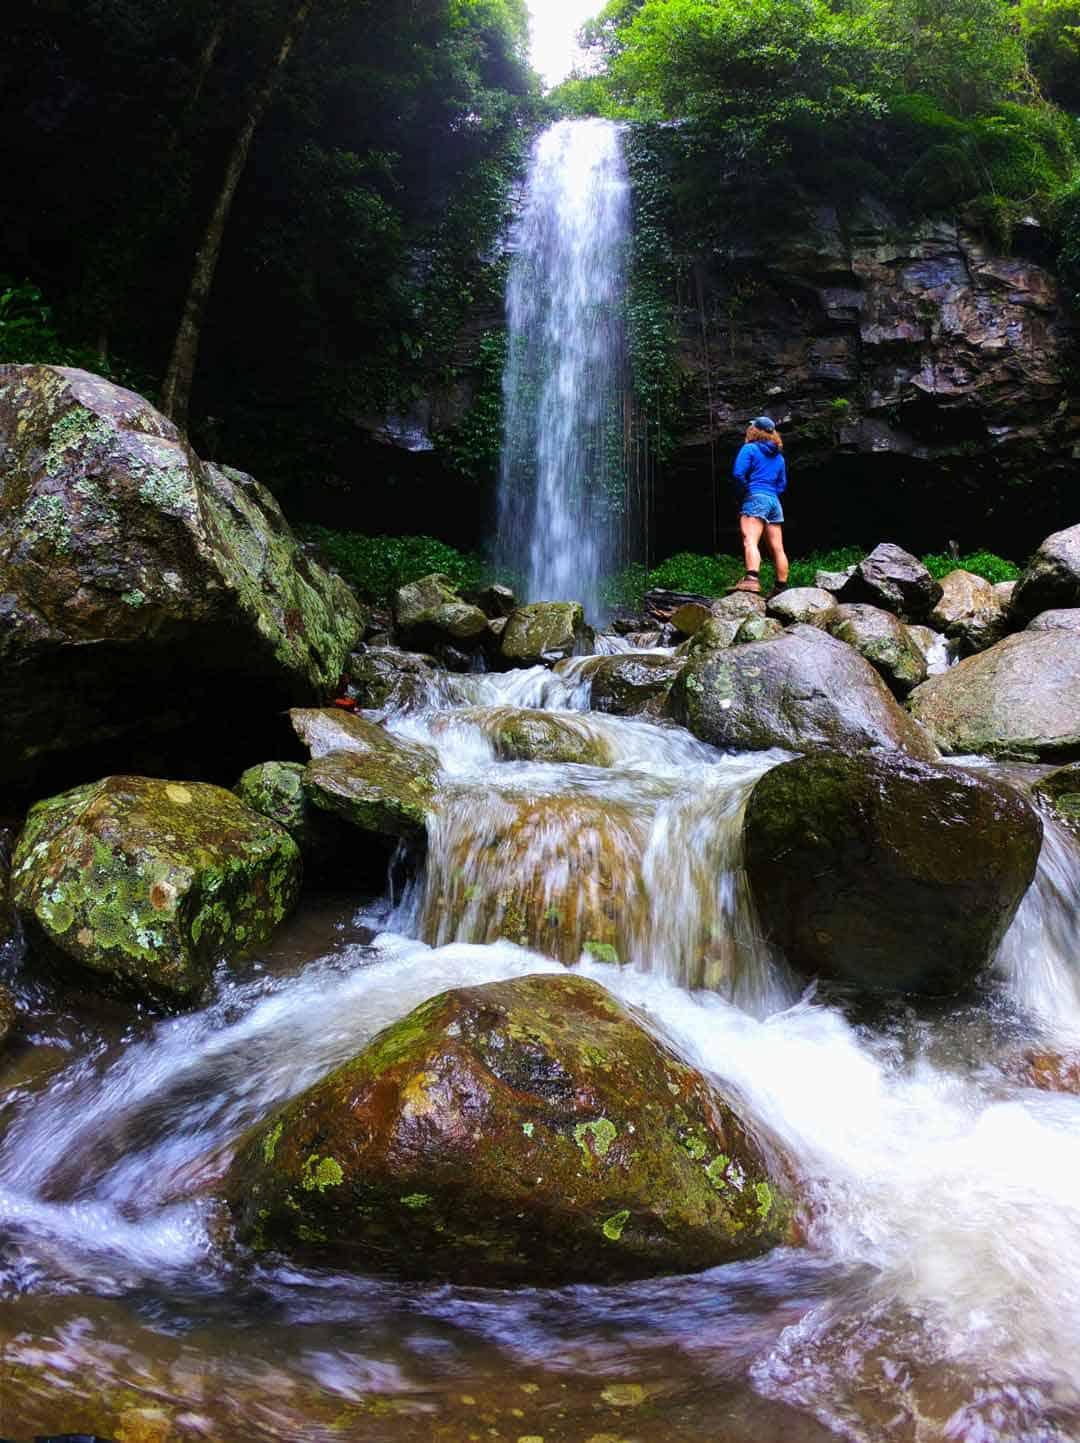 Waterfall Gopro Hero 7 Review